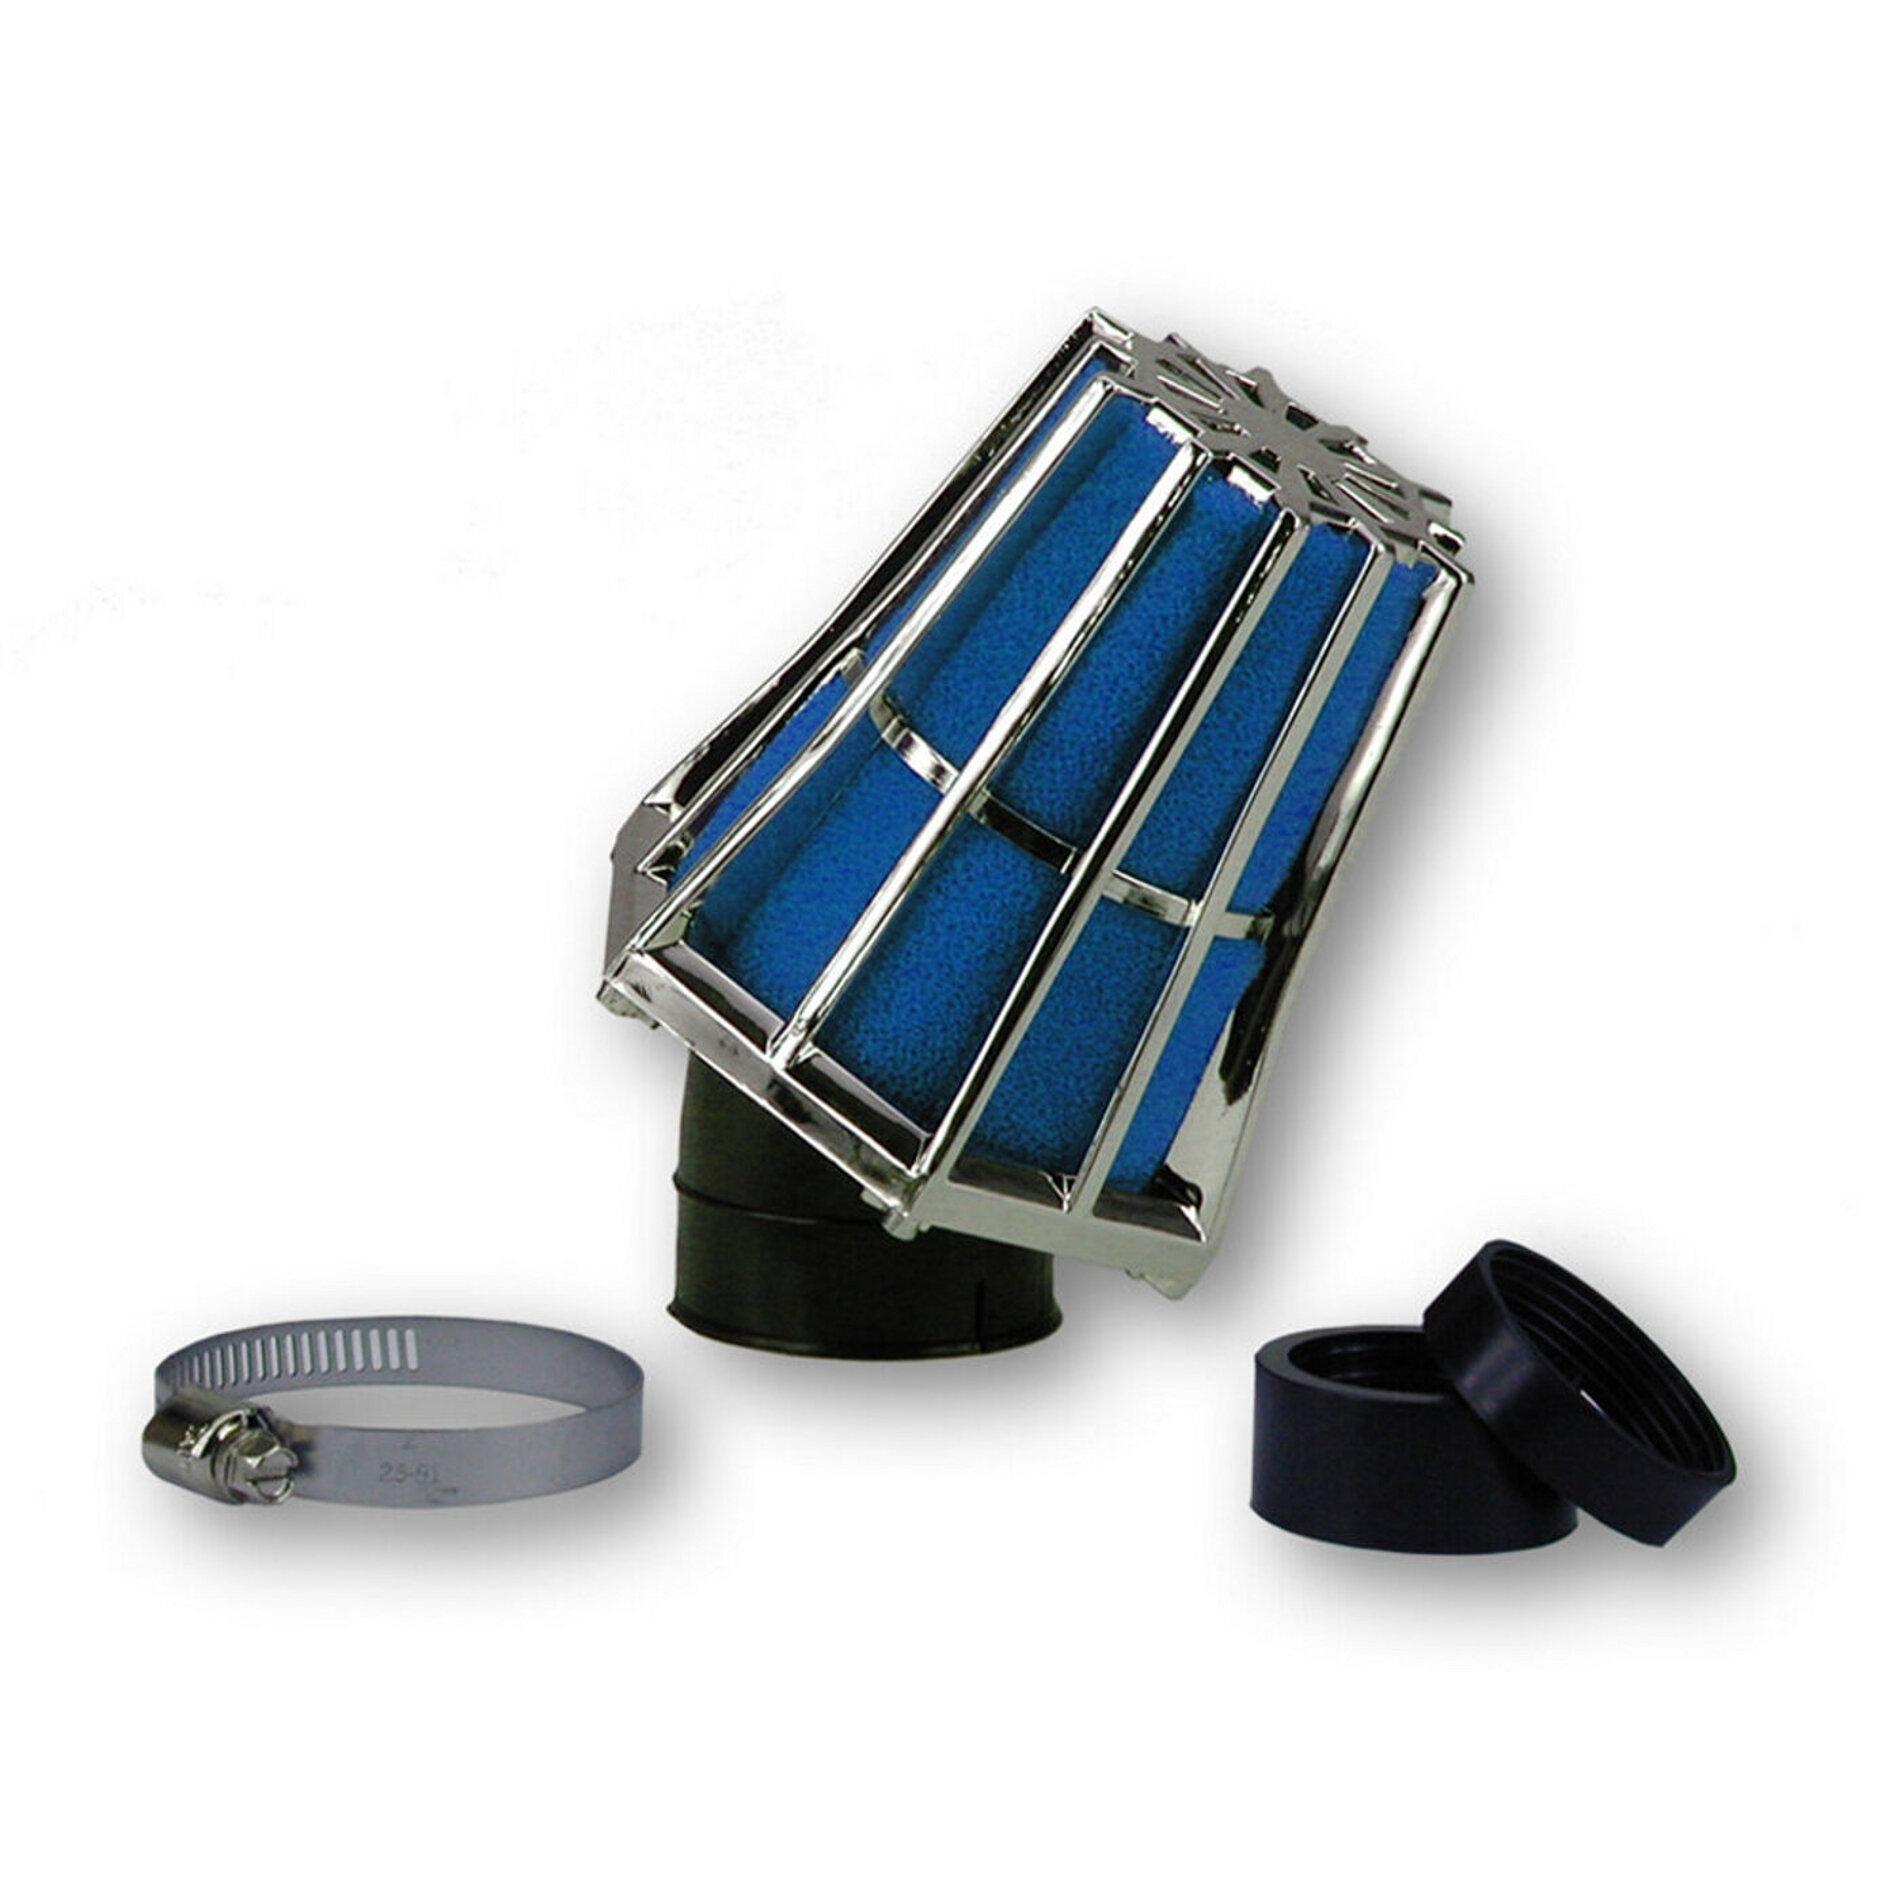 Filtre à air Hexagonal fixation à 30 D.28-35 mousse Bleue - Noir